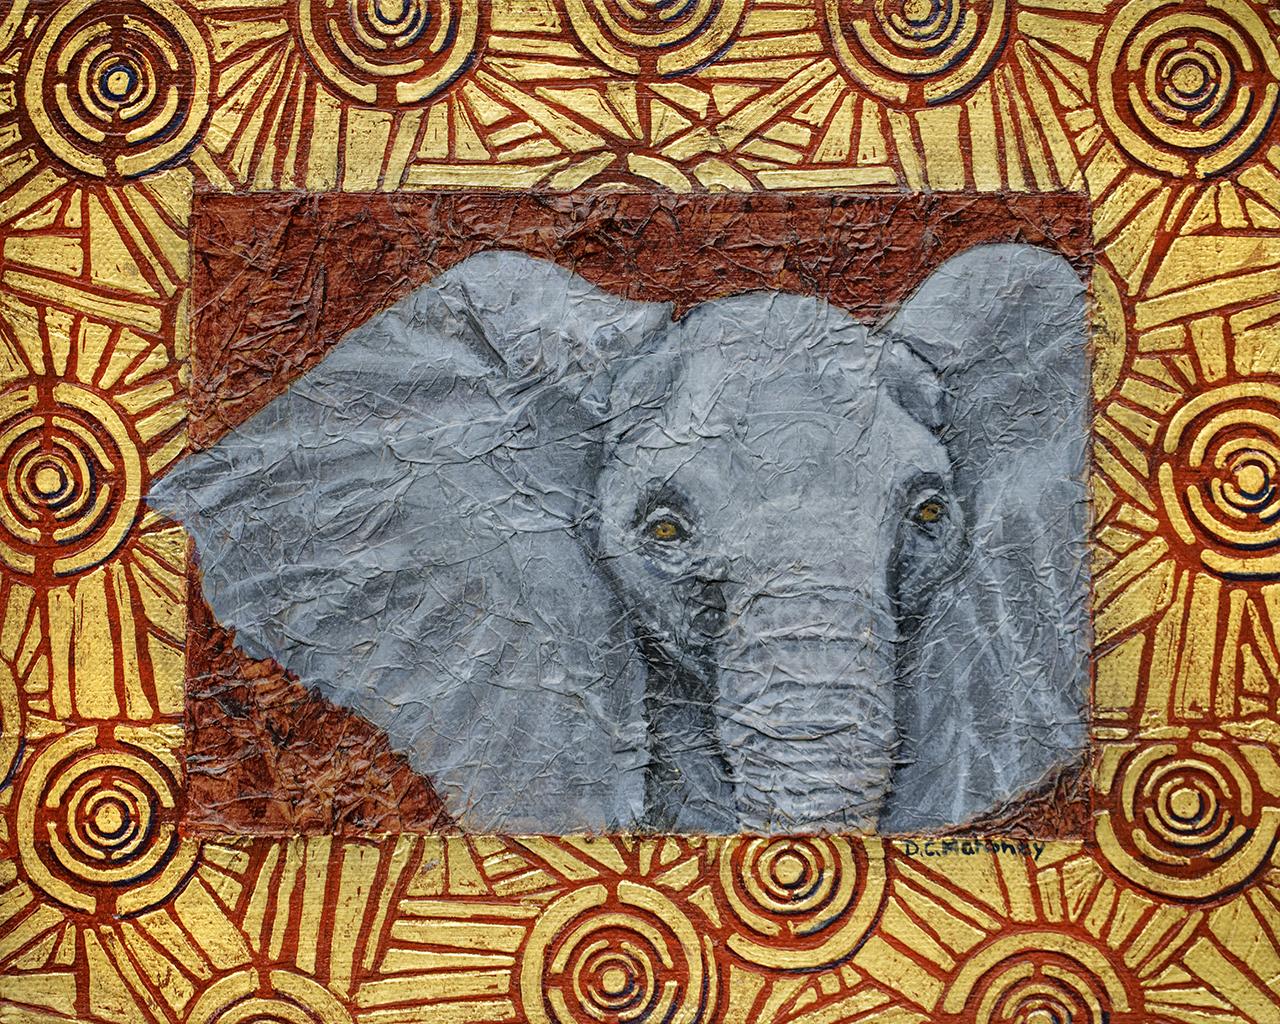 Illuminated Elephant